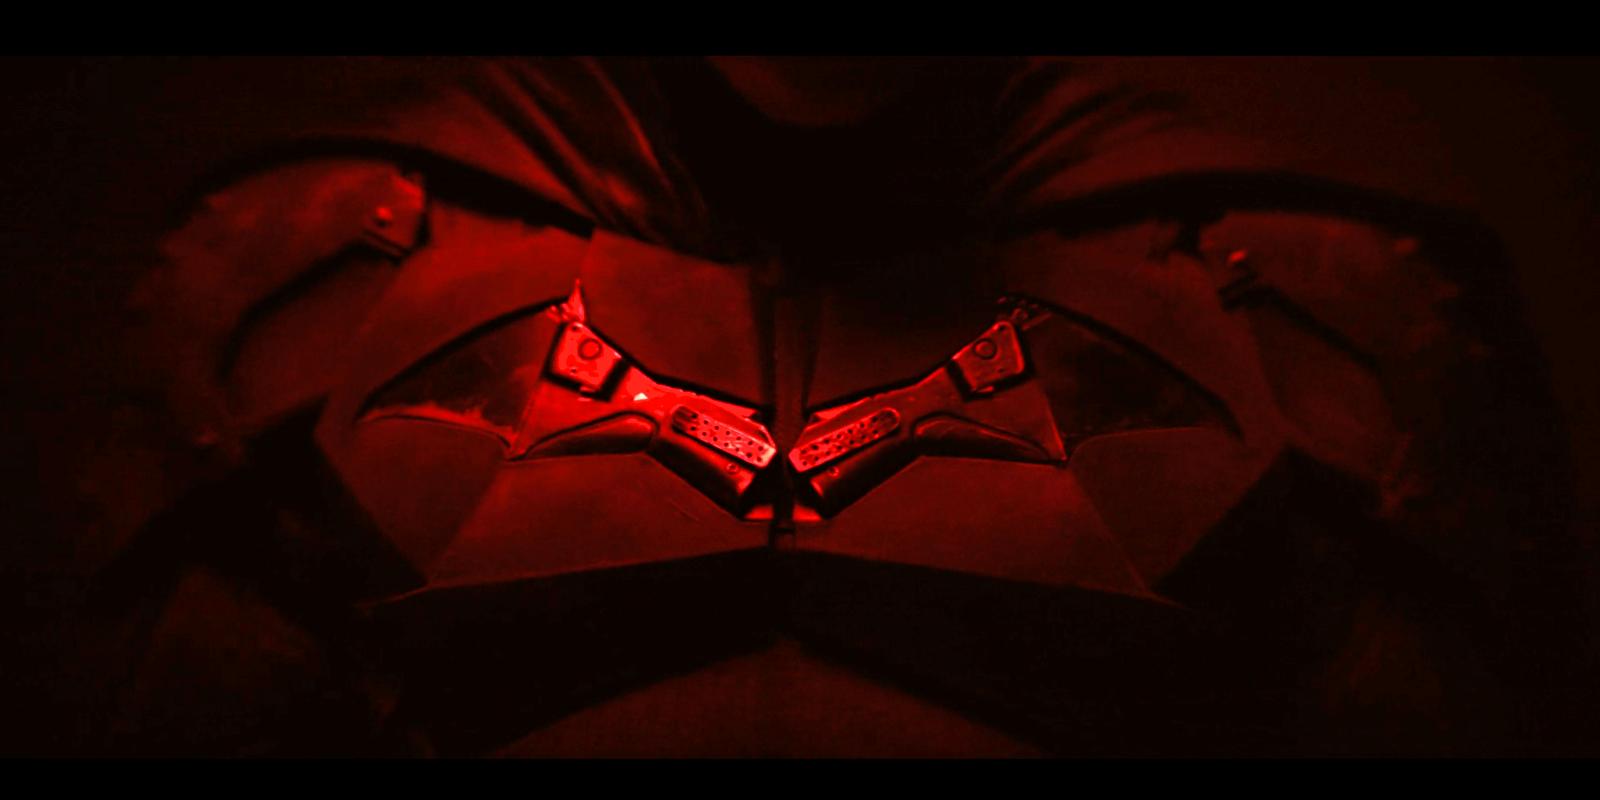 The Batman Set Photos Reveal Batsuit, Batcycle